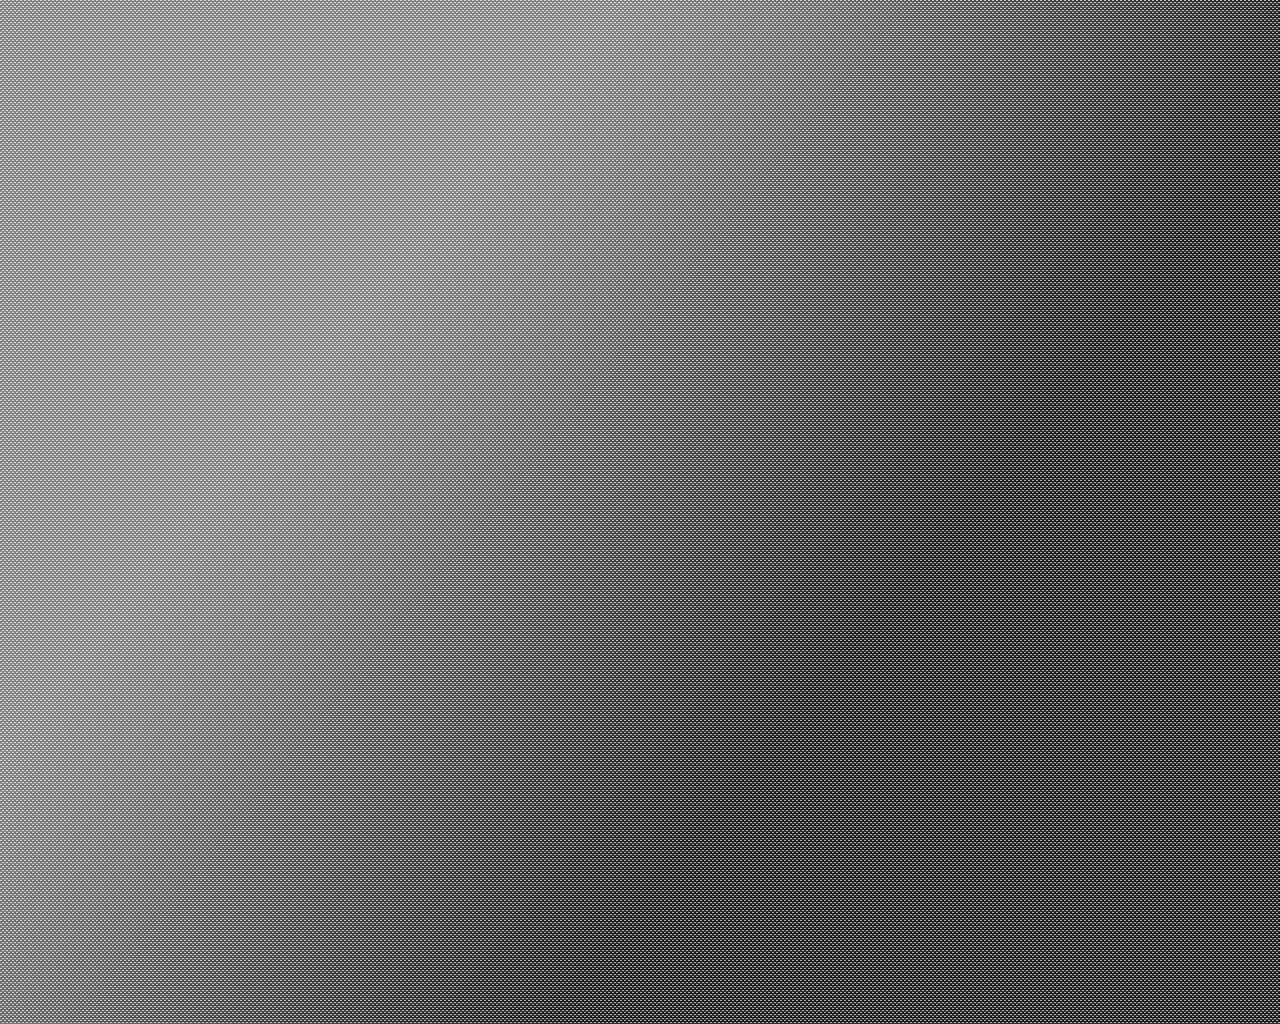 Carbon Fiber PNG - 139672